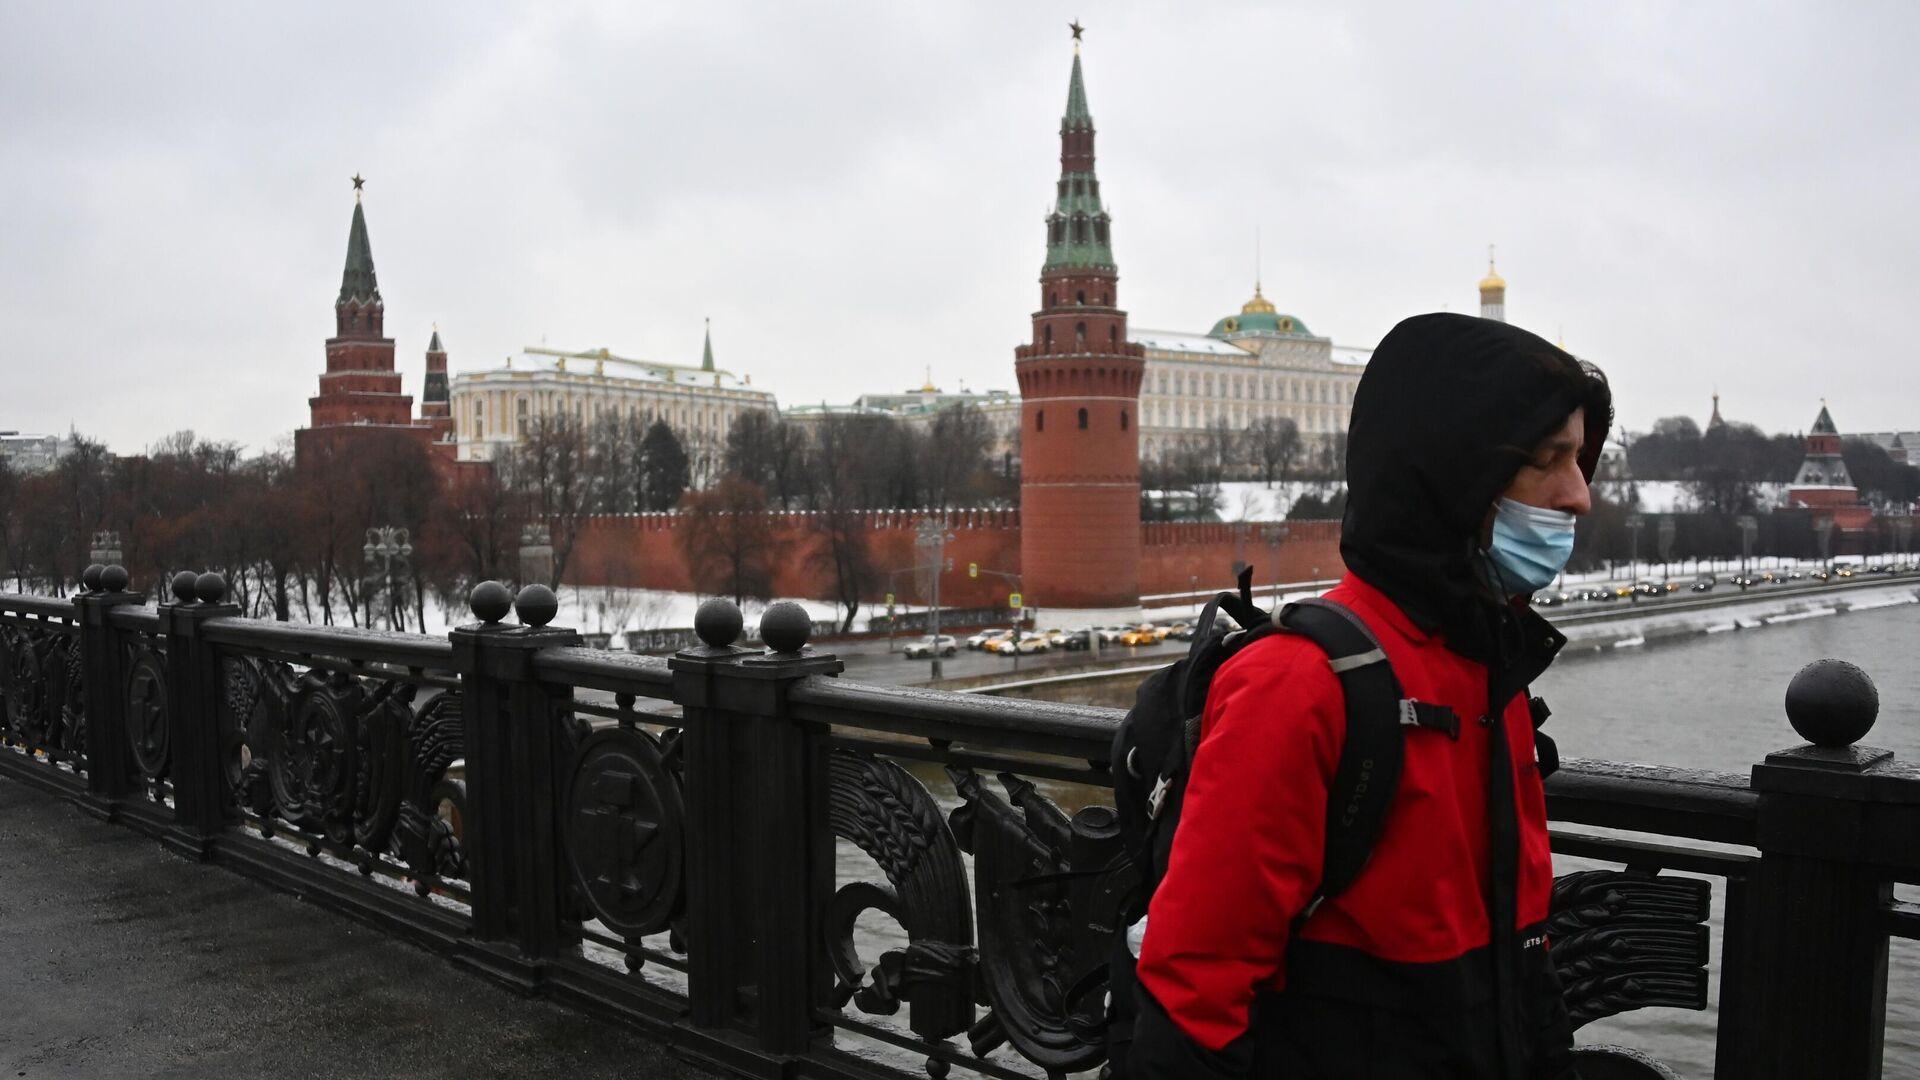 Прохожий на Большом Каменном мосту в Москве - РИА Новости, 1920, 06.02.2021